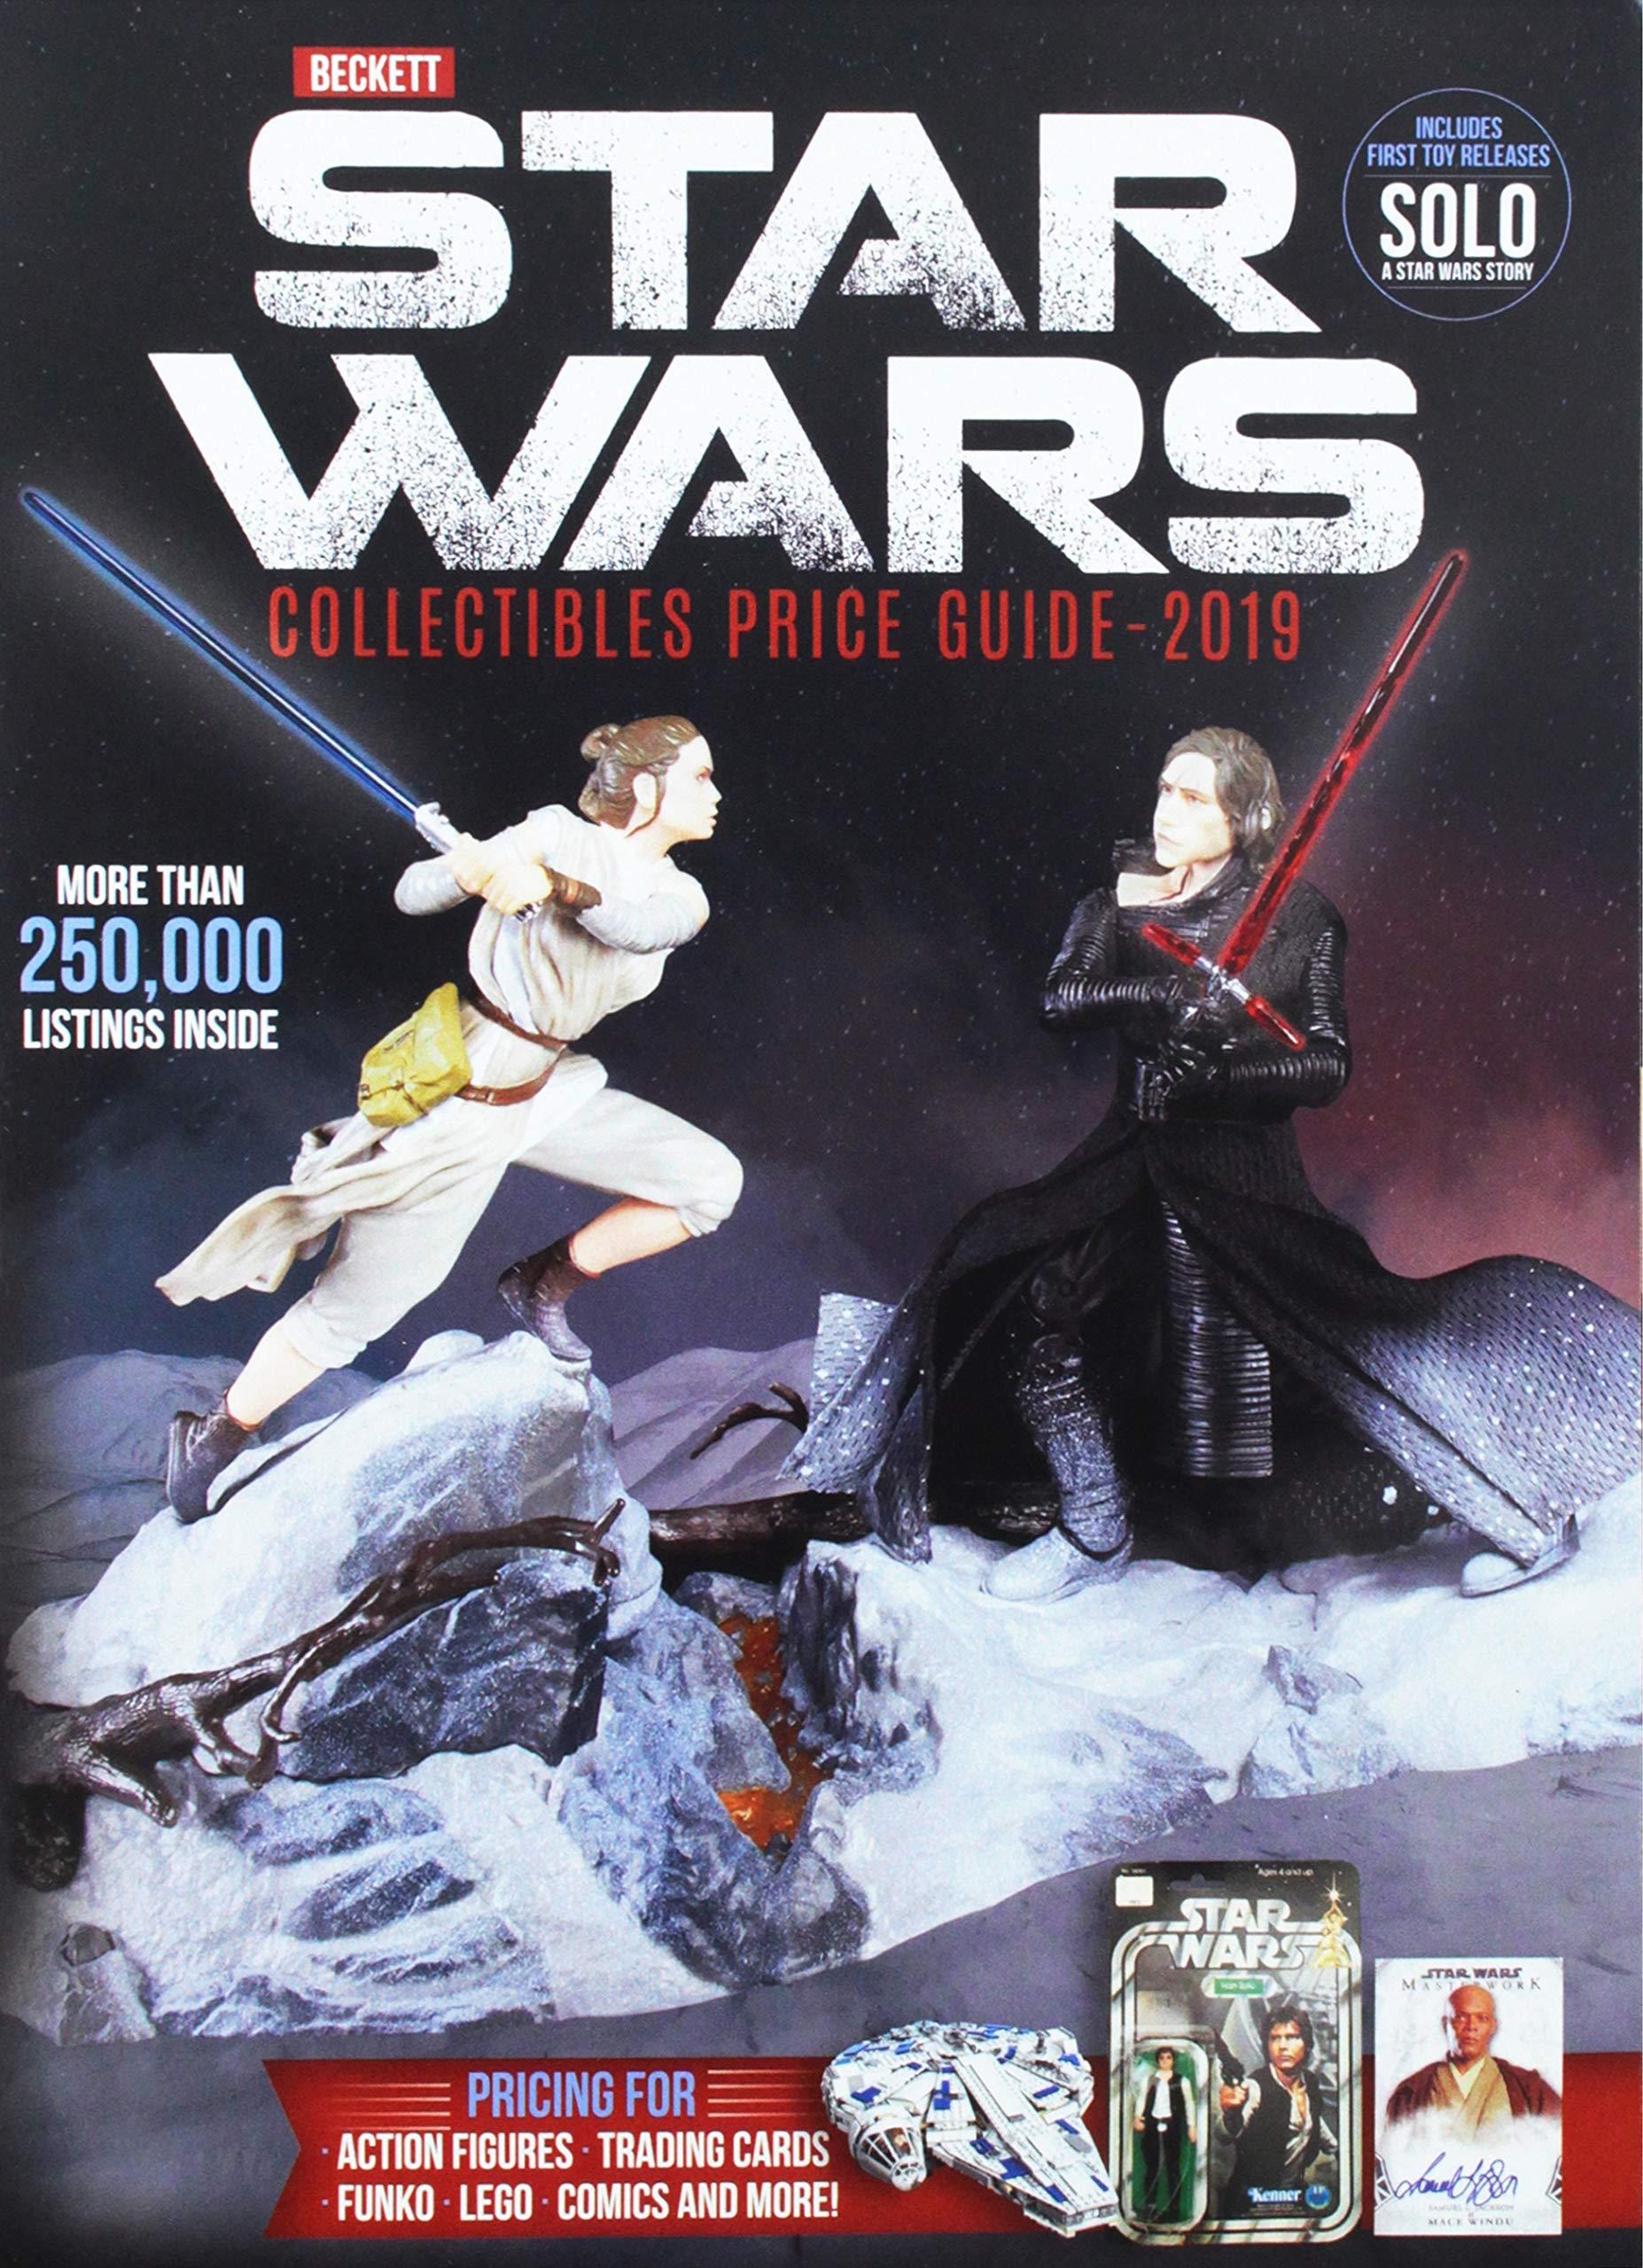 Beckett Star Wars Collectibles Price Guide 2019 Bible Matt Beckett Price Guide Staff 9781936681211 Amazon Com Books